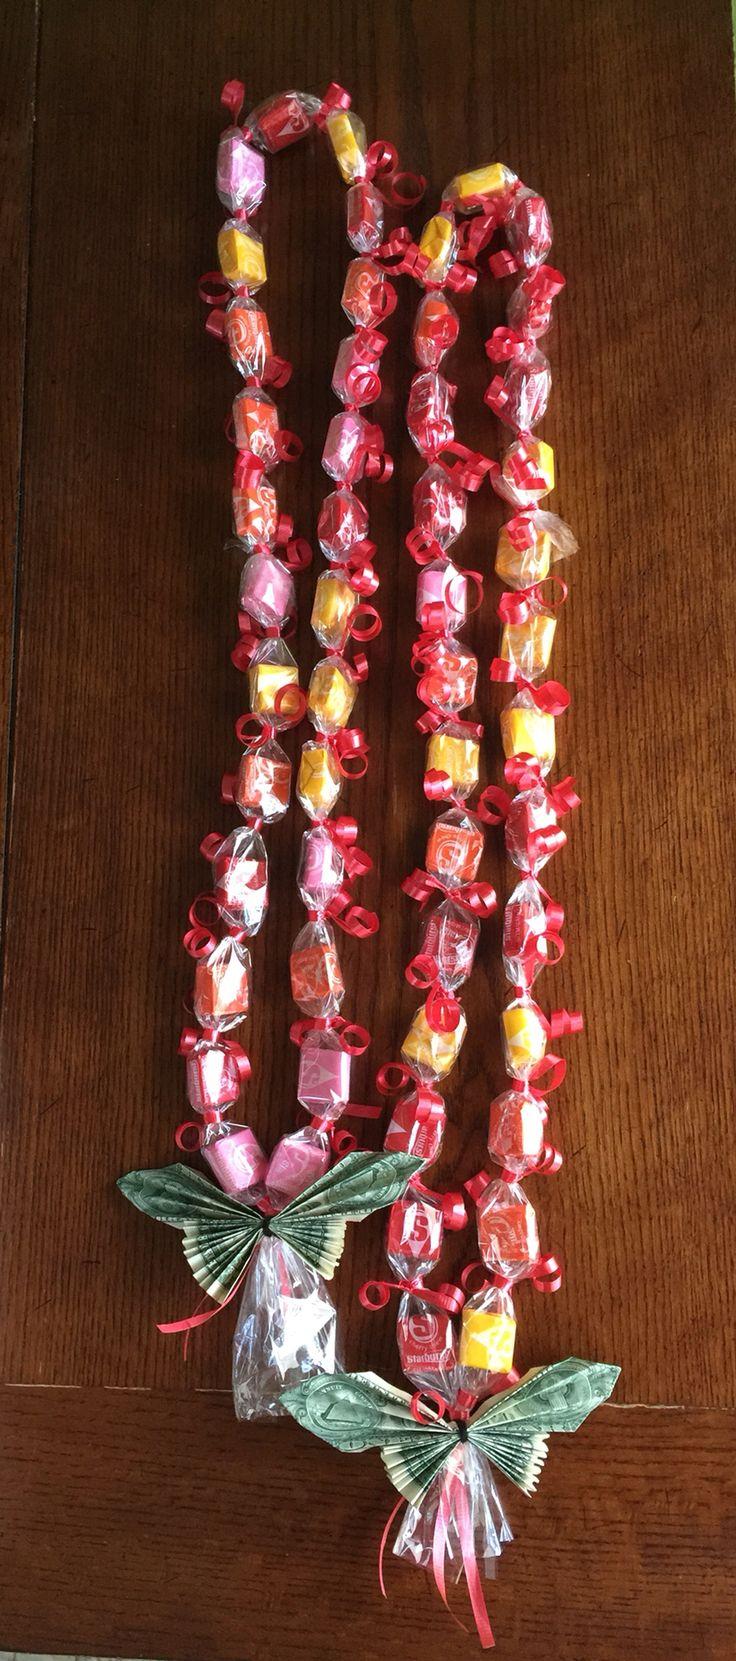 Starburst Candy Leis